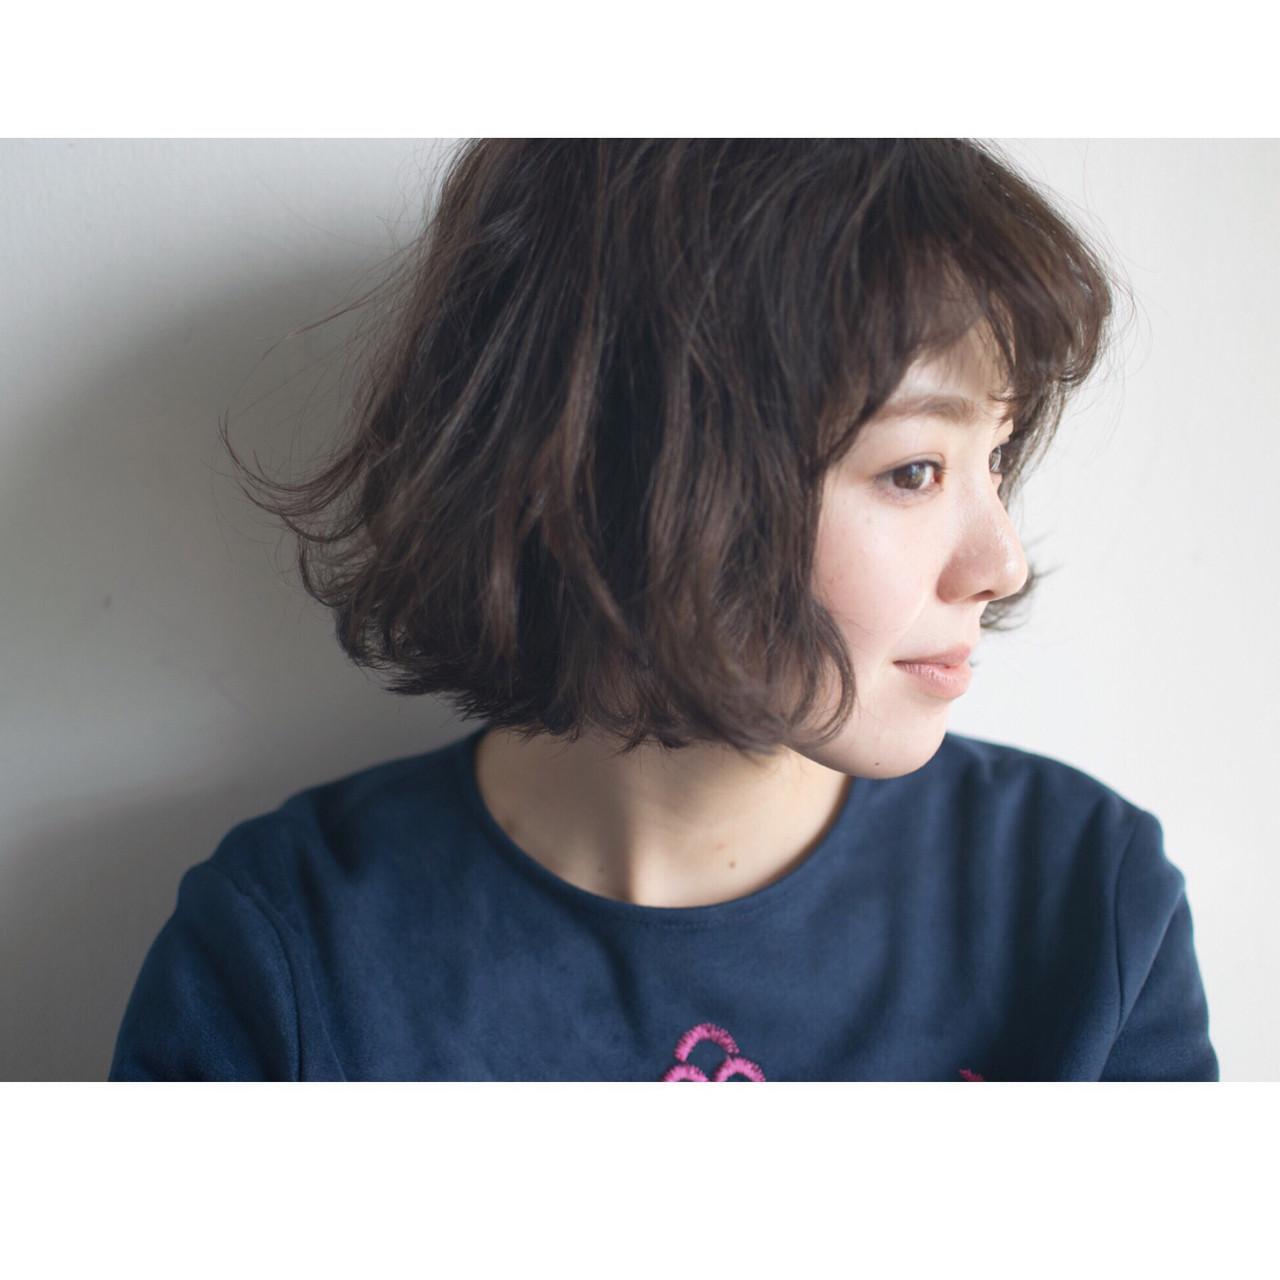 毛先のハネ方で可愛さは変わる!?外ハネパーマがおすすめの理由 anti_RIKUSHI / ANTI